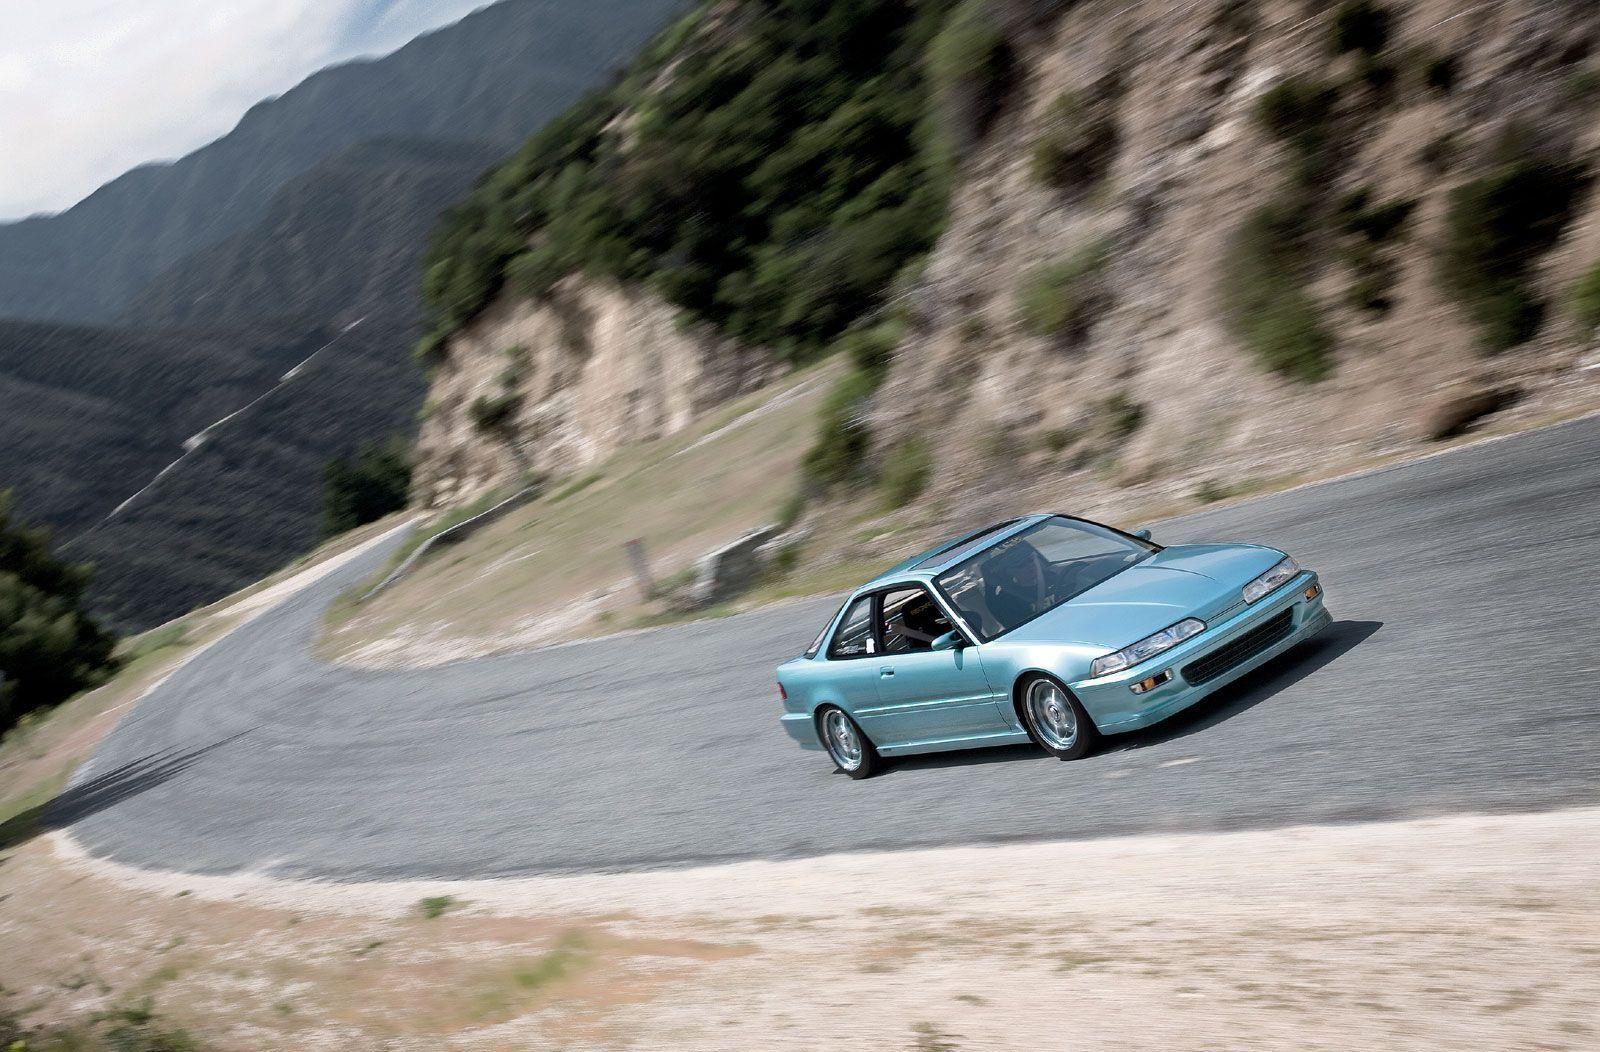 14th 1992 ACURA INTEGRA RS (BY JASON HARADON)